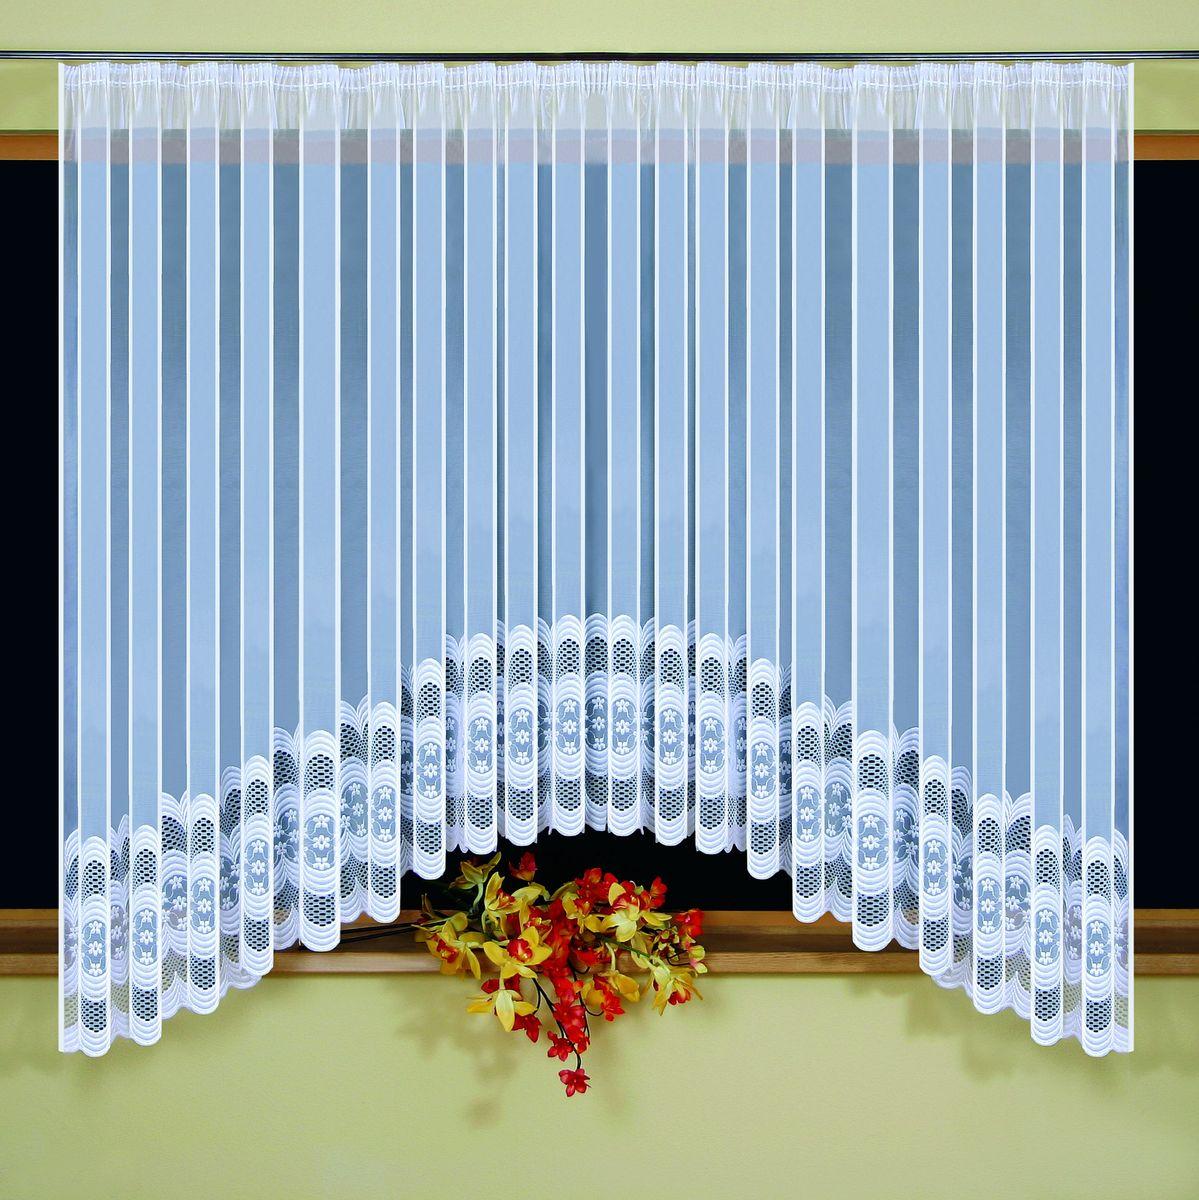 Гардина Wisan Monika, на ленте, цвет: белый, высота 160 см5296Гардина Wisan Monika изготовлена из белого полиэстера, легкой, тонкой ткани. Изделие украшено изящным орнаментом.Тонкое плетение и оригинальный дизайн привлекут к себе внимание и органично впишутся в интерьер комнаты.Оригинальное оформление гардины внесет разнообразие и подарит заряд положительного настроения. Гардина оснащена шторной лентой для крепления на карниз.